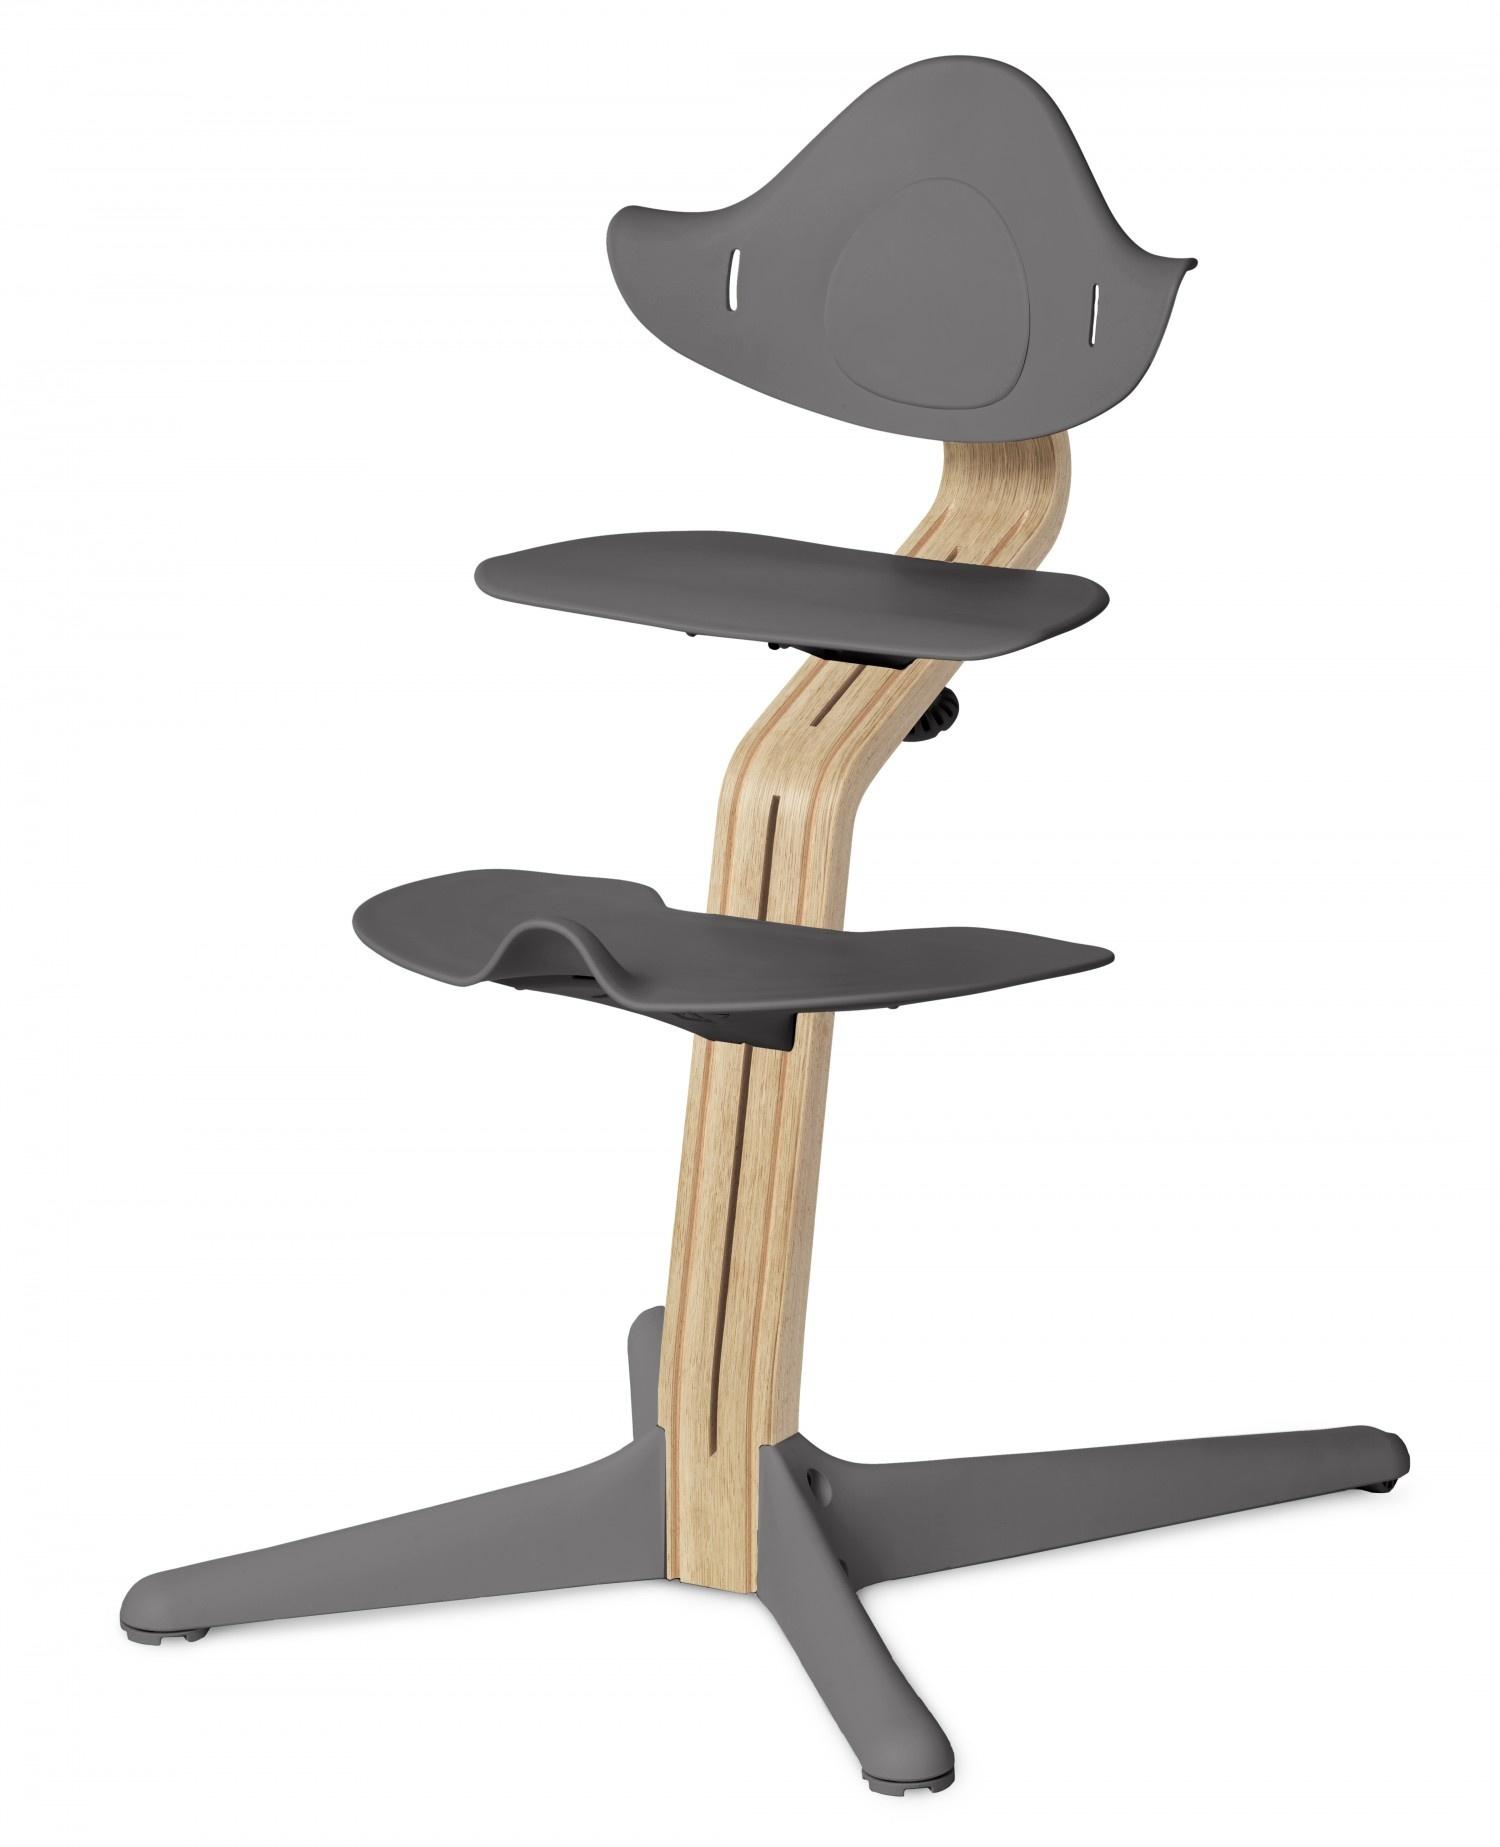 NOMI highchair meegroeistoel Basis eiken wit oiled en stoel grijs